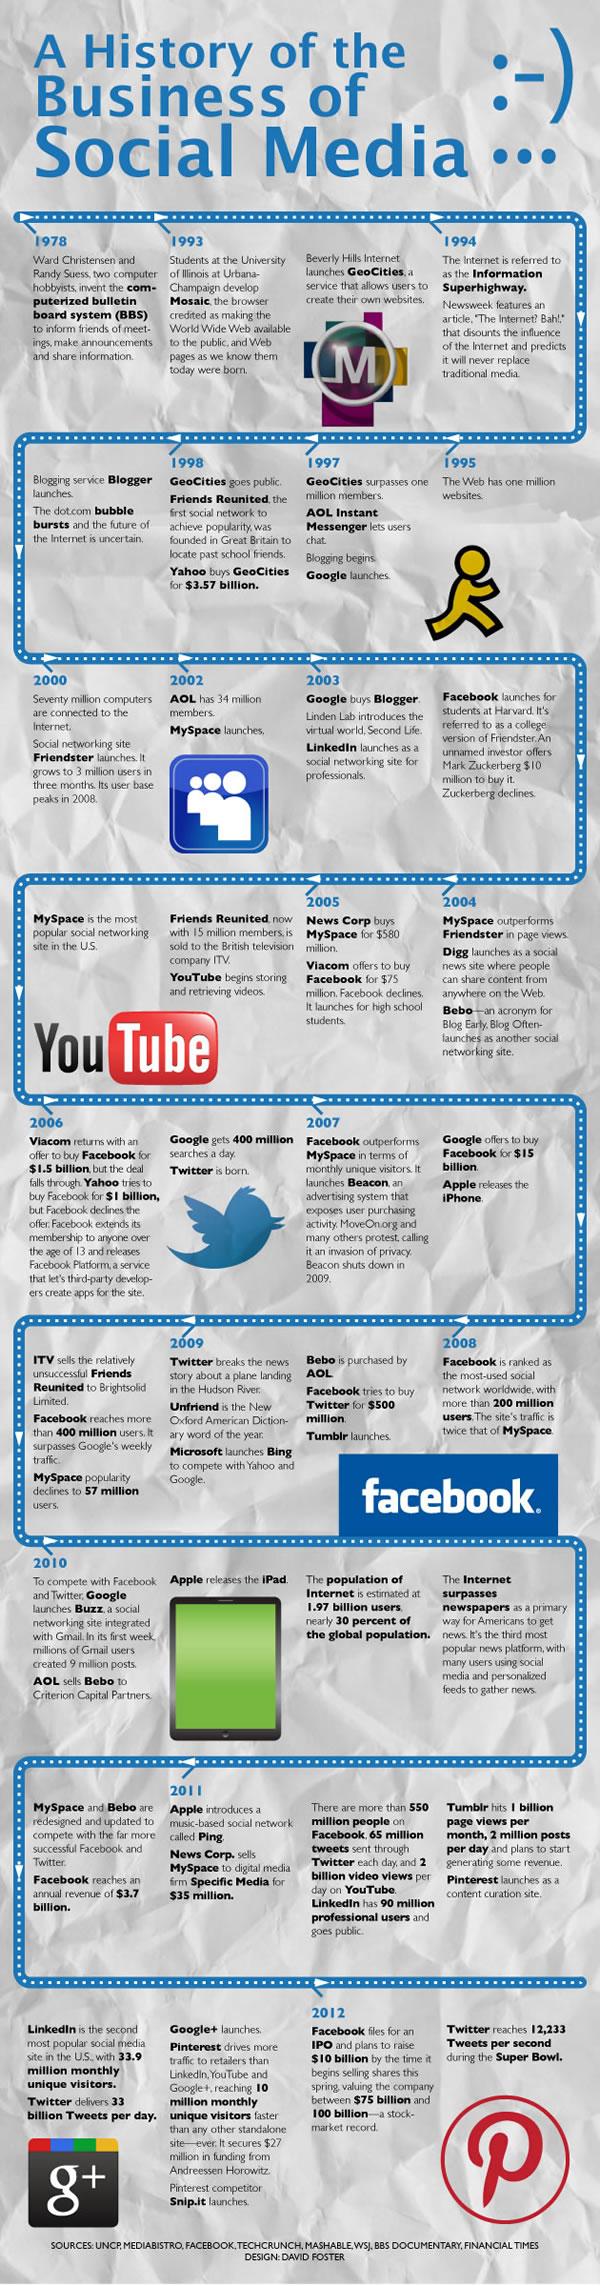 Infografía que muestra la historia de las redes sociales